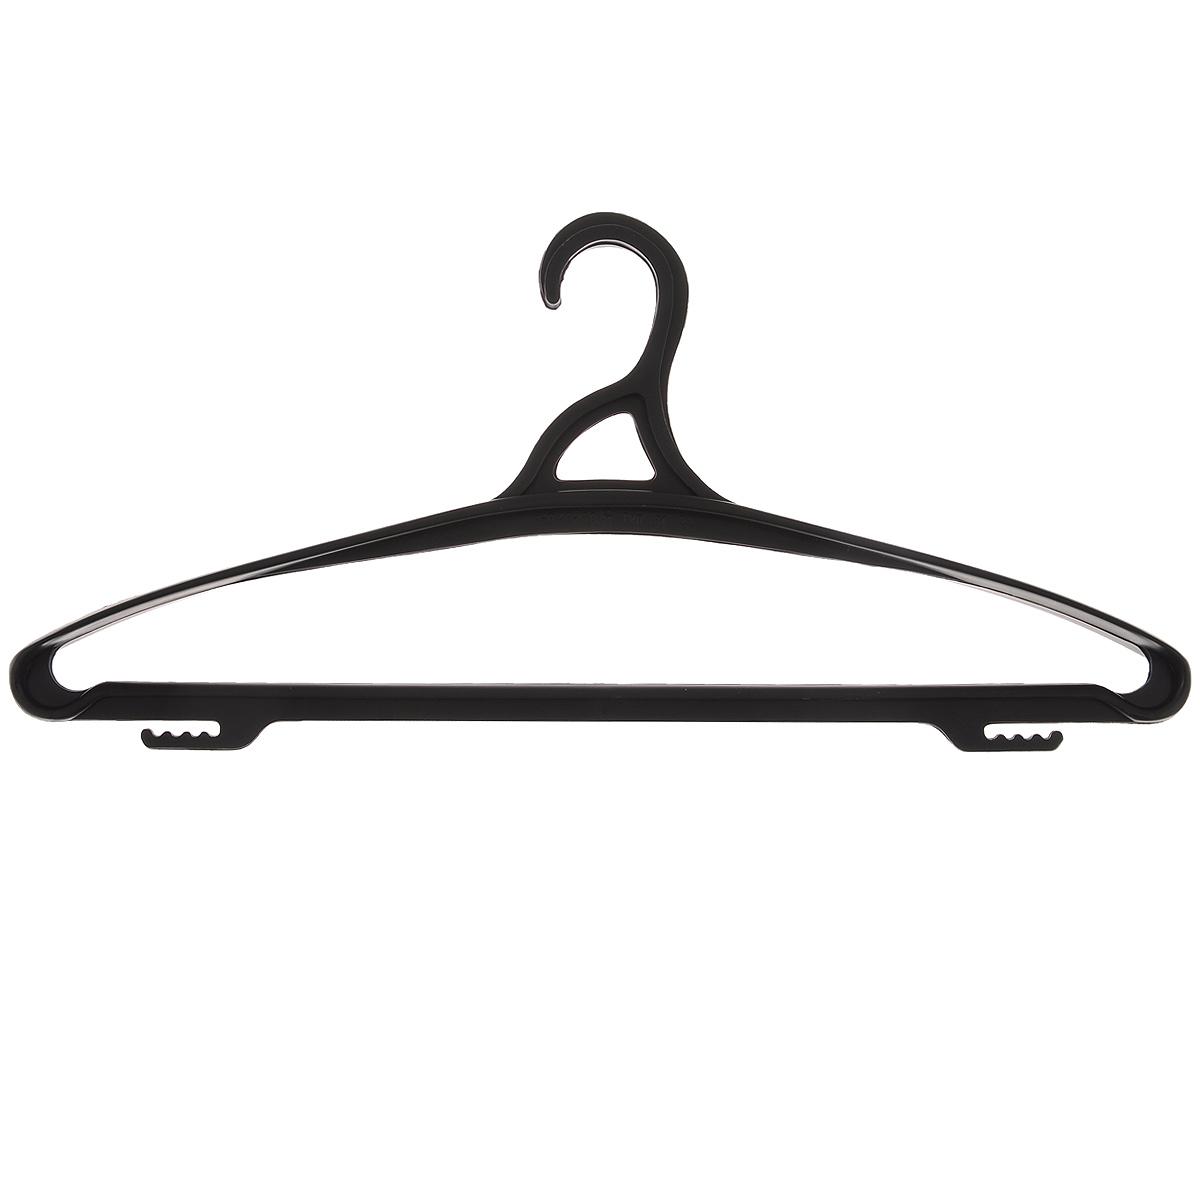 Вешалка для одежды Бытпласт, цвет: черный, размер 48-501092019Вешалка для одежды Бытпласт выполнена из прочного пластика.Изделие оснащено перекладиной и боковыми крючками.Вешалка - это незаменимая вещь для того, чтобы ваша одежда всегда оставалась в хорошем состоянии.Размер одежды: 48-50.